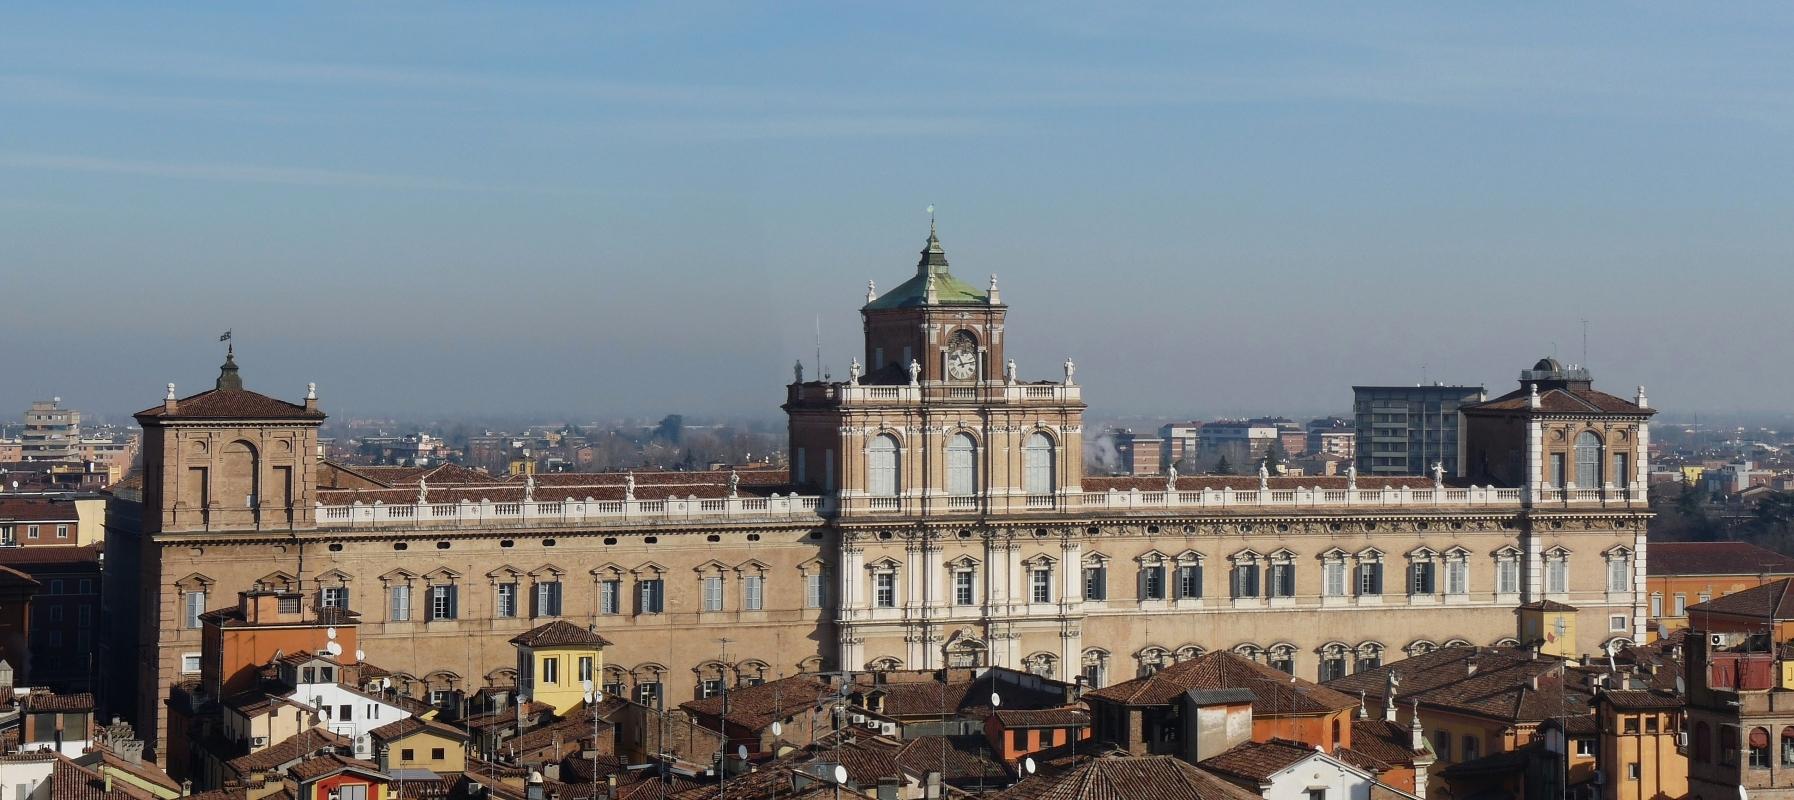 Palazzo Ducale di Modena sede dell'Accademia Militare - Mfran22 - Modena (MO)